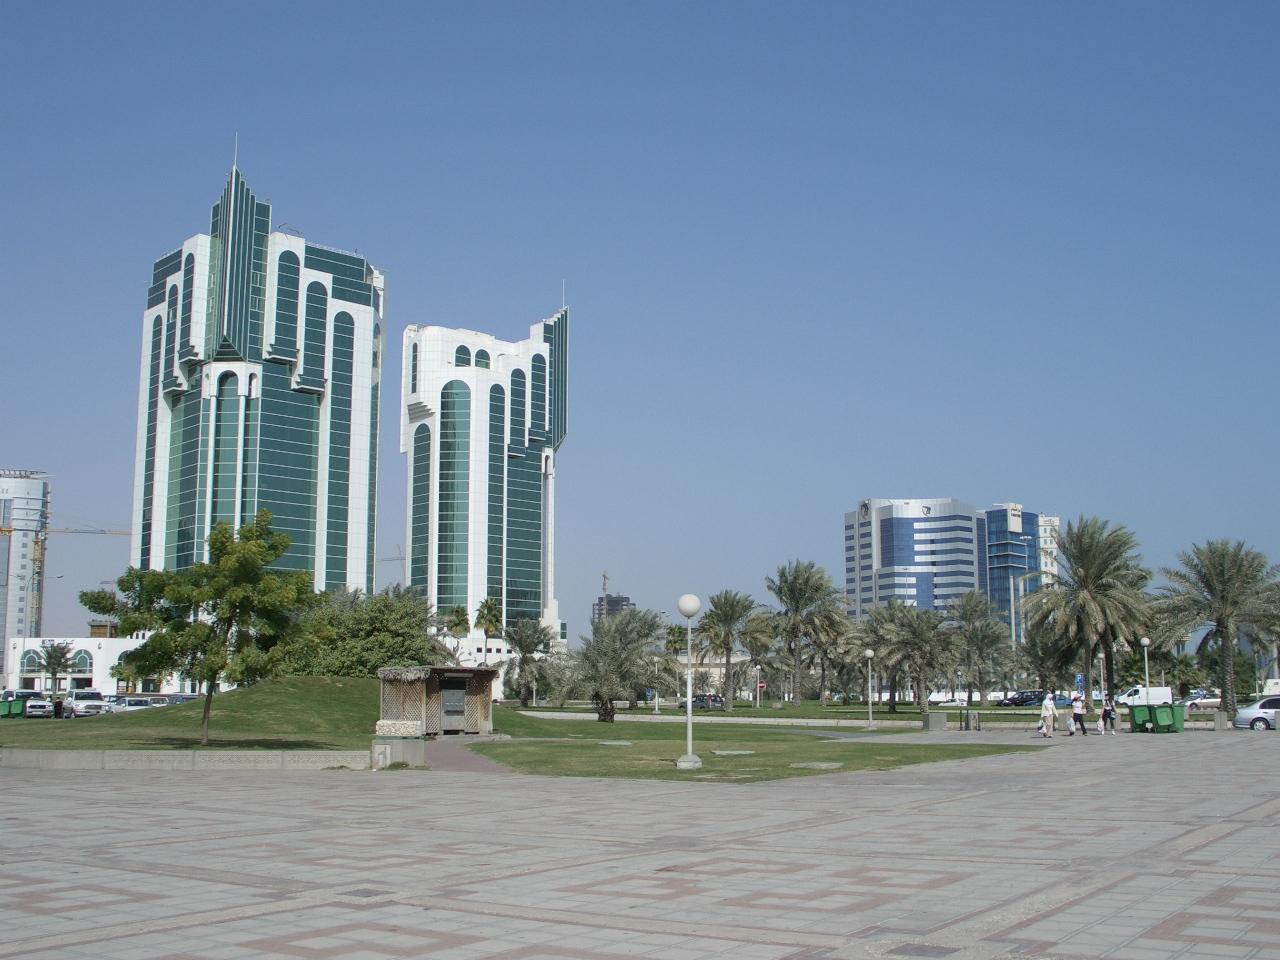 ما لا تعرفه عن الدوحة عاصمة قطر %D8%A7%D9%84%D8%AF%D9%88%D8%AD%D8%A9-%D9%81%D9%8A-%D9%82%D8%B7%D8%B1